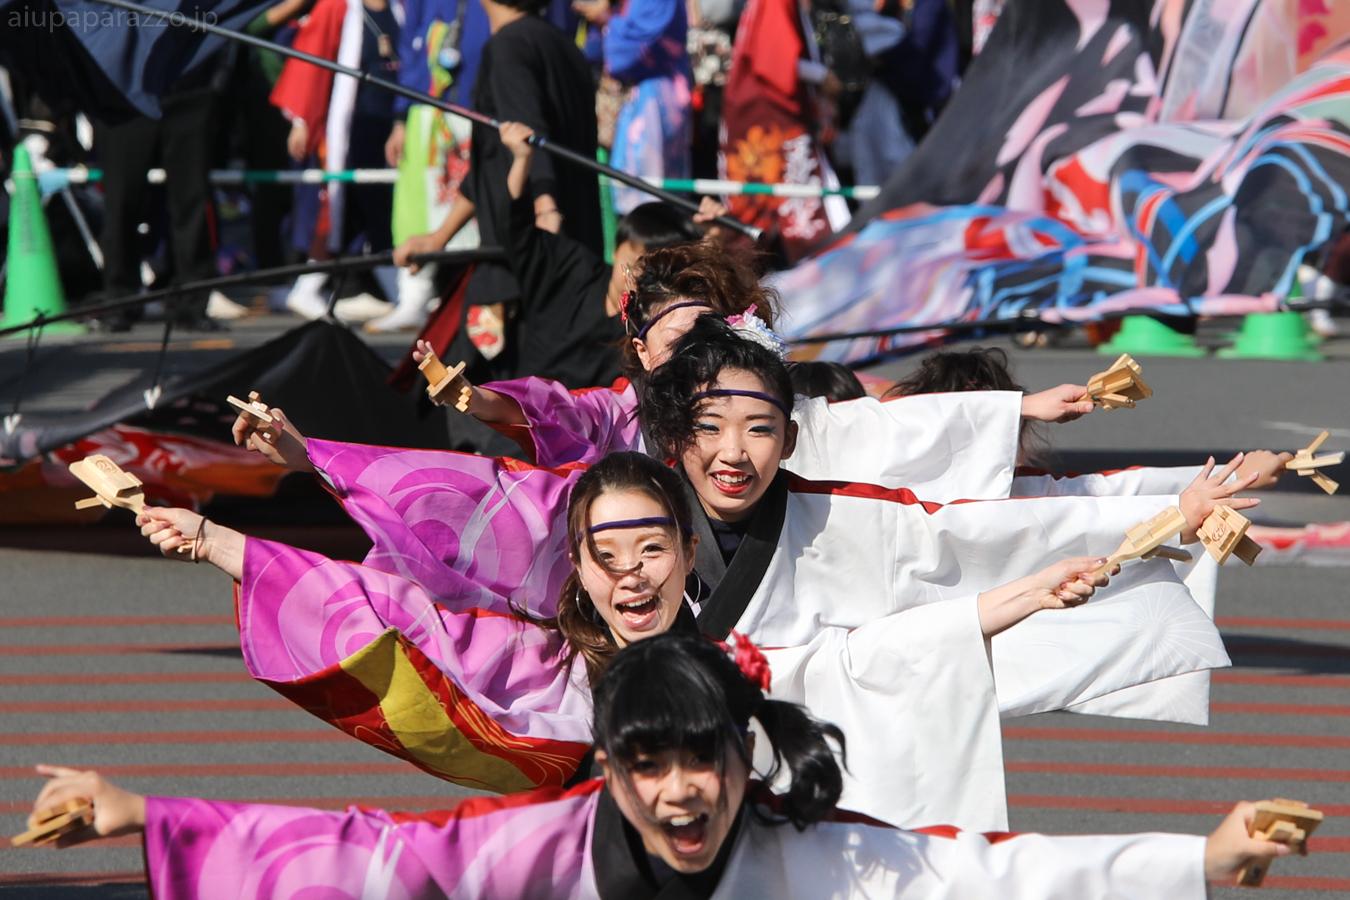 kabuki2016ran_oyachai-25.jpg